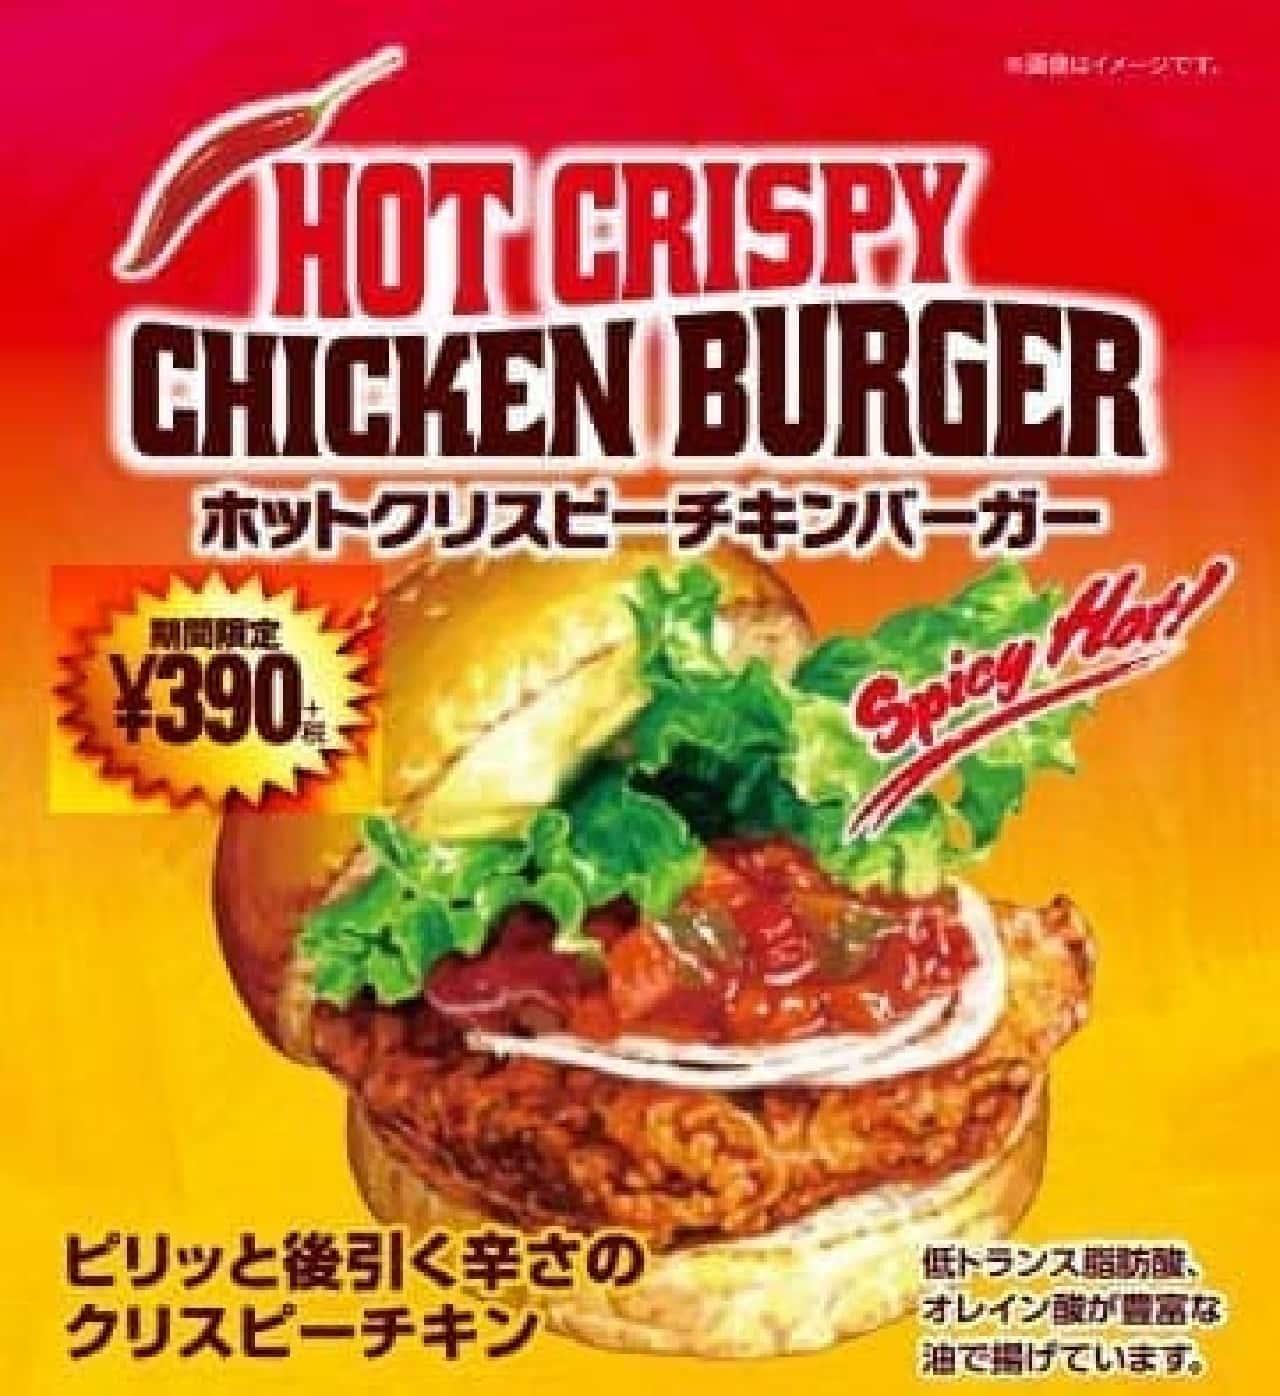 「ホットクリスピーチキンバーガー」登場!